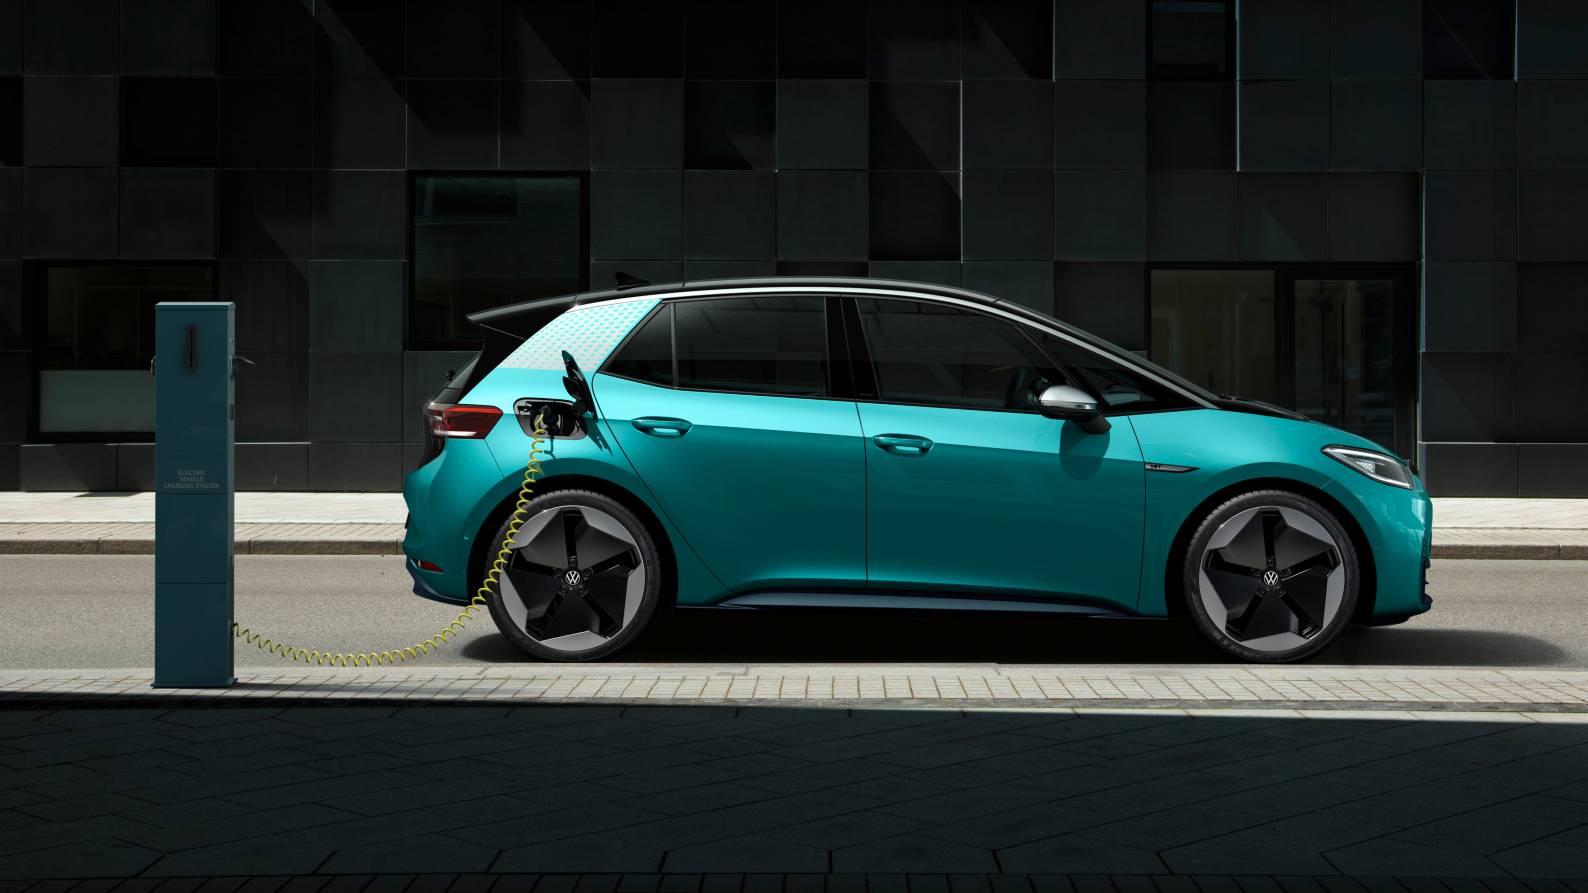 Volkswagen investit 100 millions d'euros pour former une joint-venture pour construire des batteries avec la firme allemande Customcells.  Image : Volkswagen